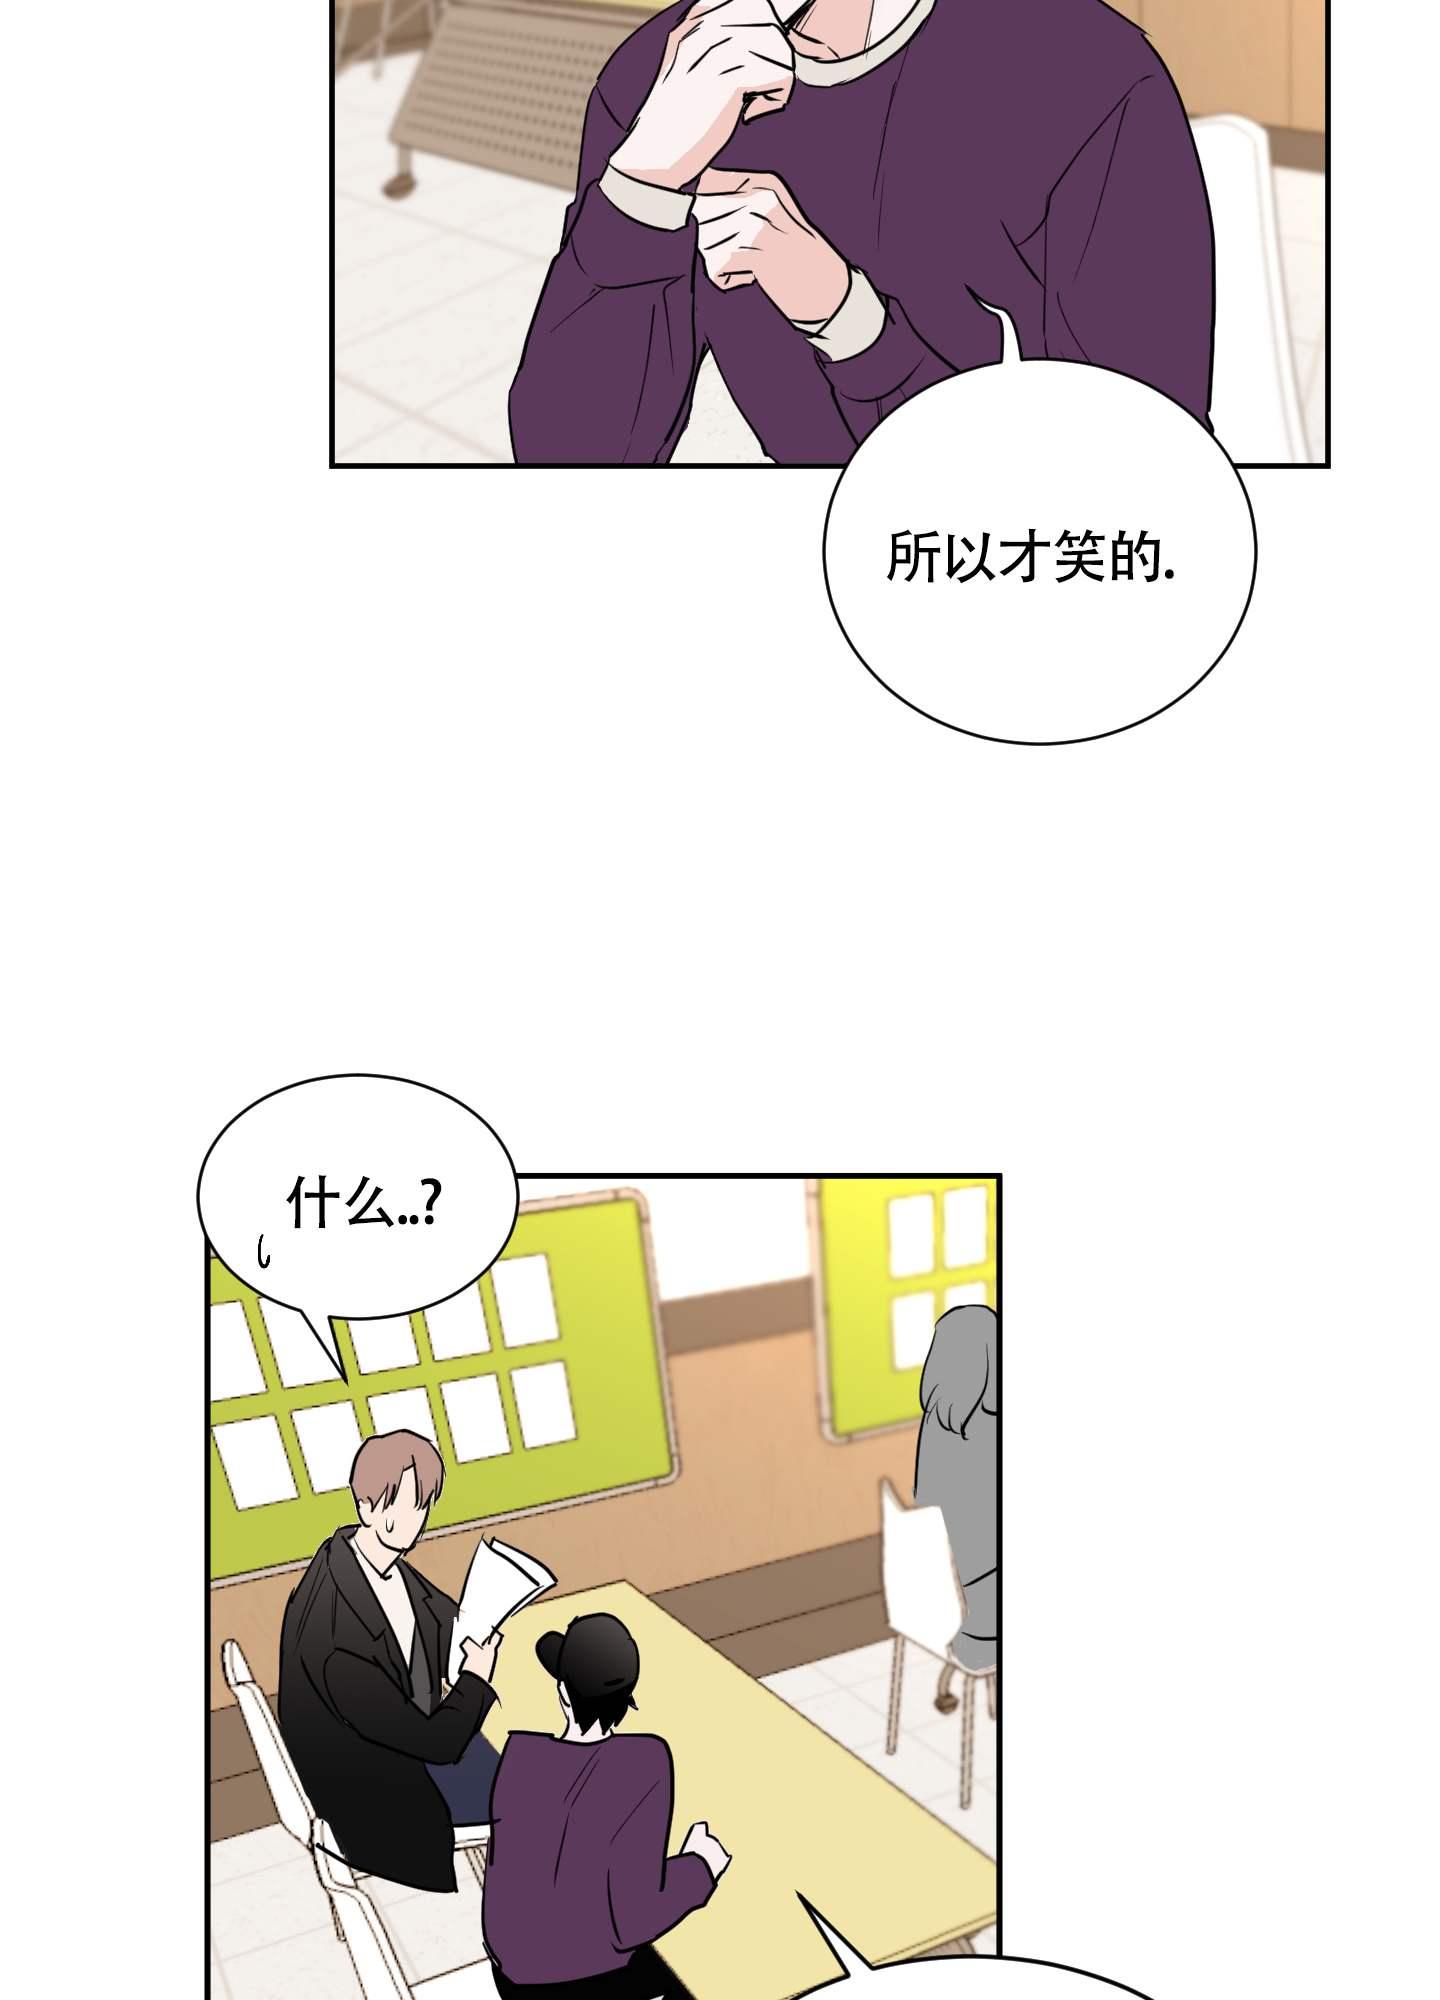 """韩漫《致我的少年》""""前辈,这样能让你开心的话,我愿意一百次"""""""